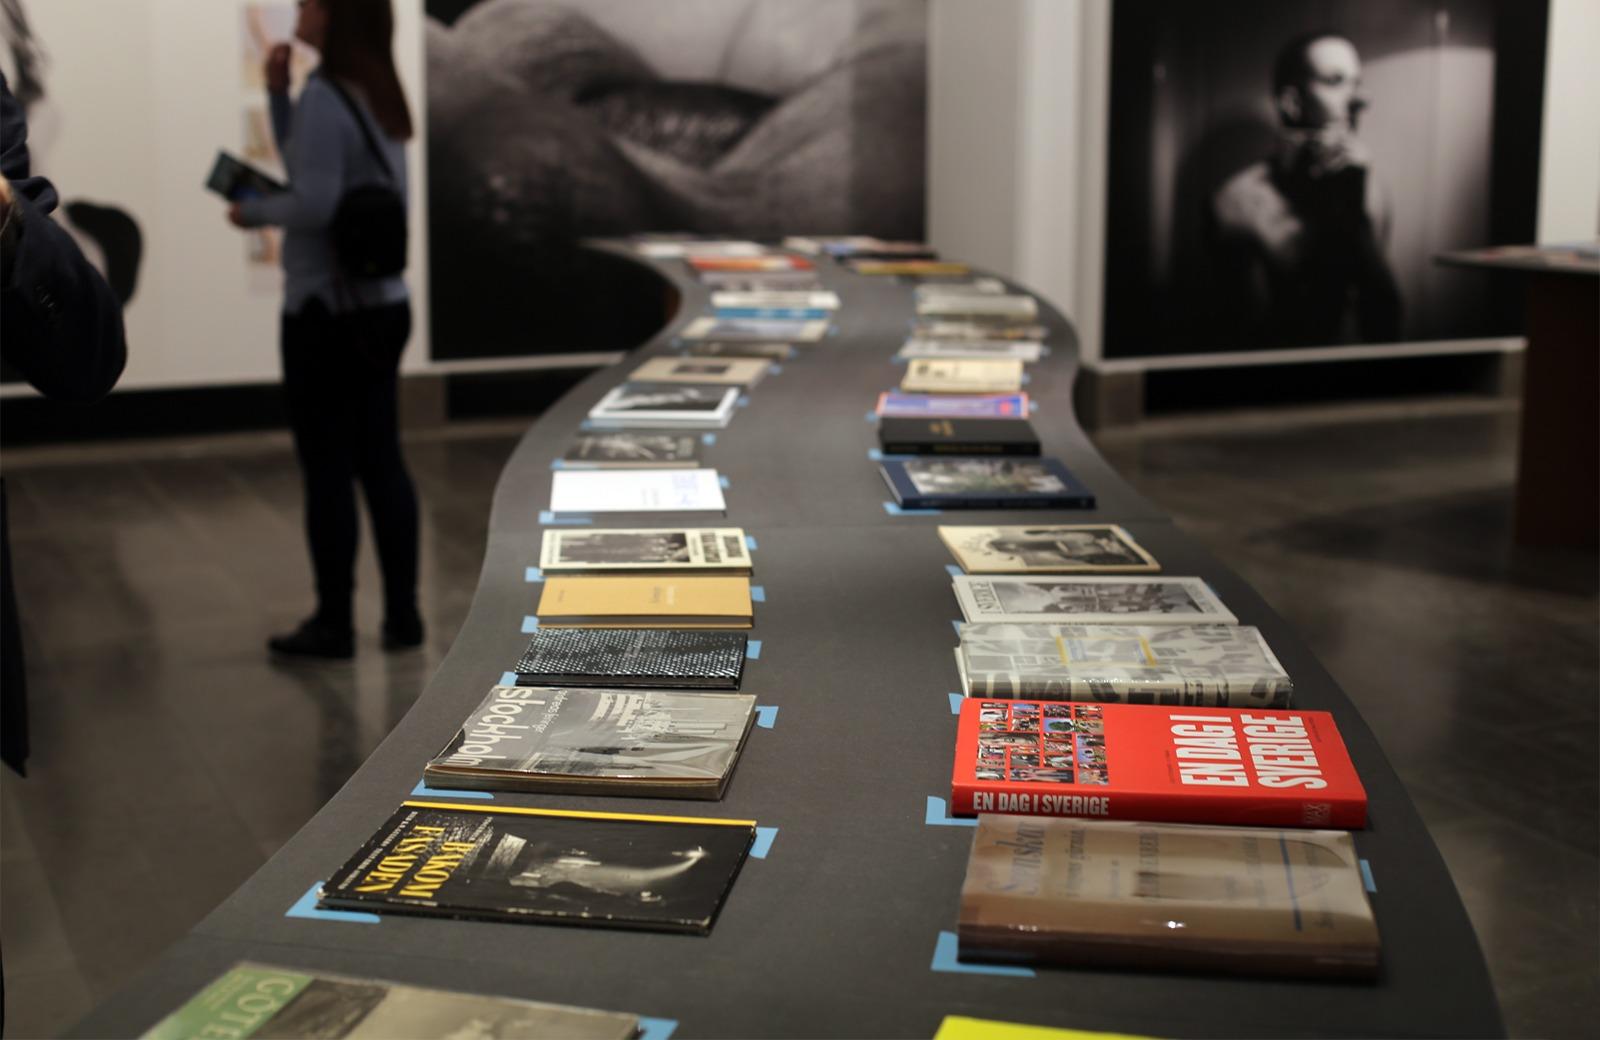 Northern photobooks series at PWA19. This year: Sweden